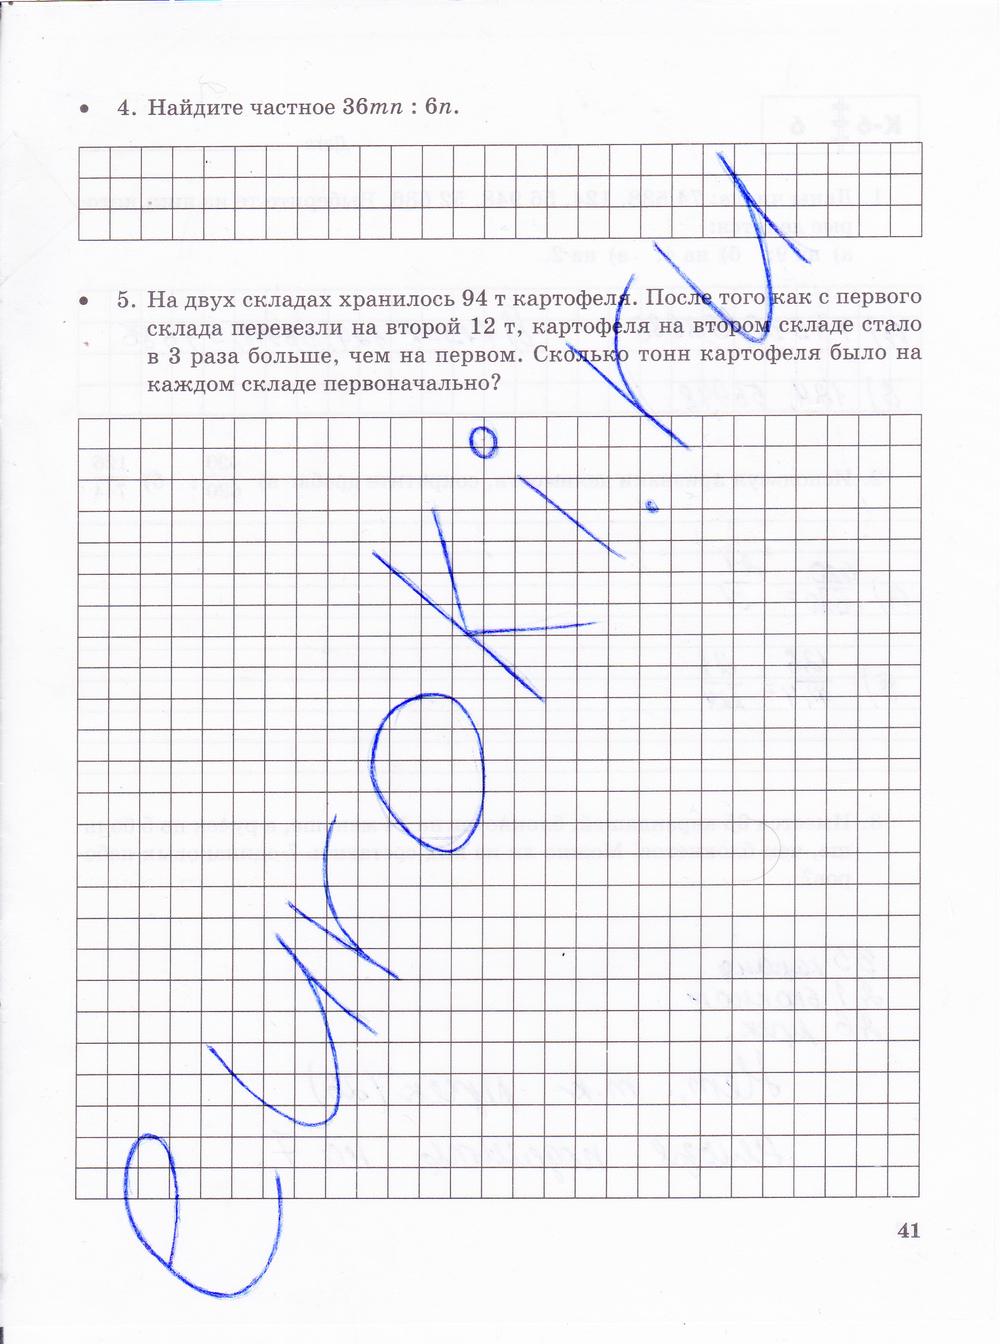 ГДЗ по математике 6 класс тетрадь для контрольных работ Зубарева, Лепешонкова Мнемозина Часть 1, 2 ответы и решения онлайн. Задание: стр. 41